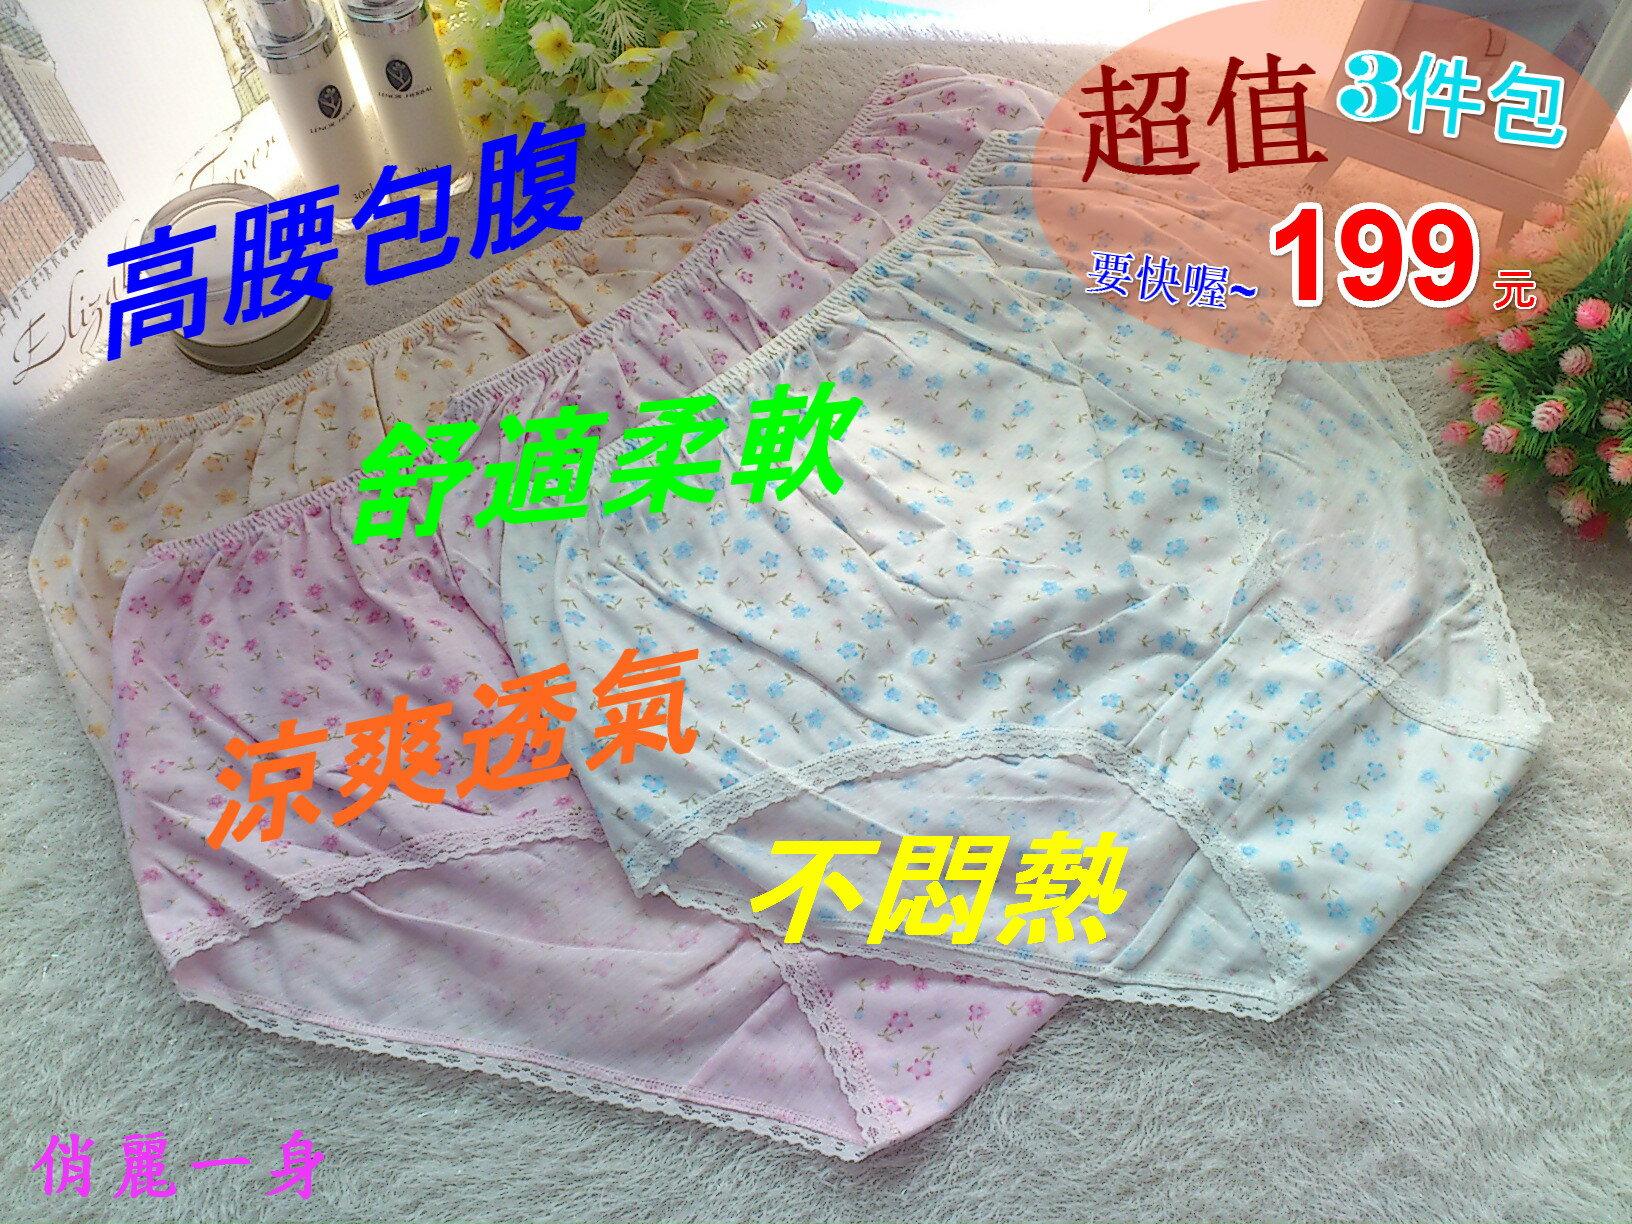 【3件組包】孕婦褲透氣柔軟媽媽褲棉質三角內褲超高腰加大尺碼內褲M66620俏麗一身